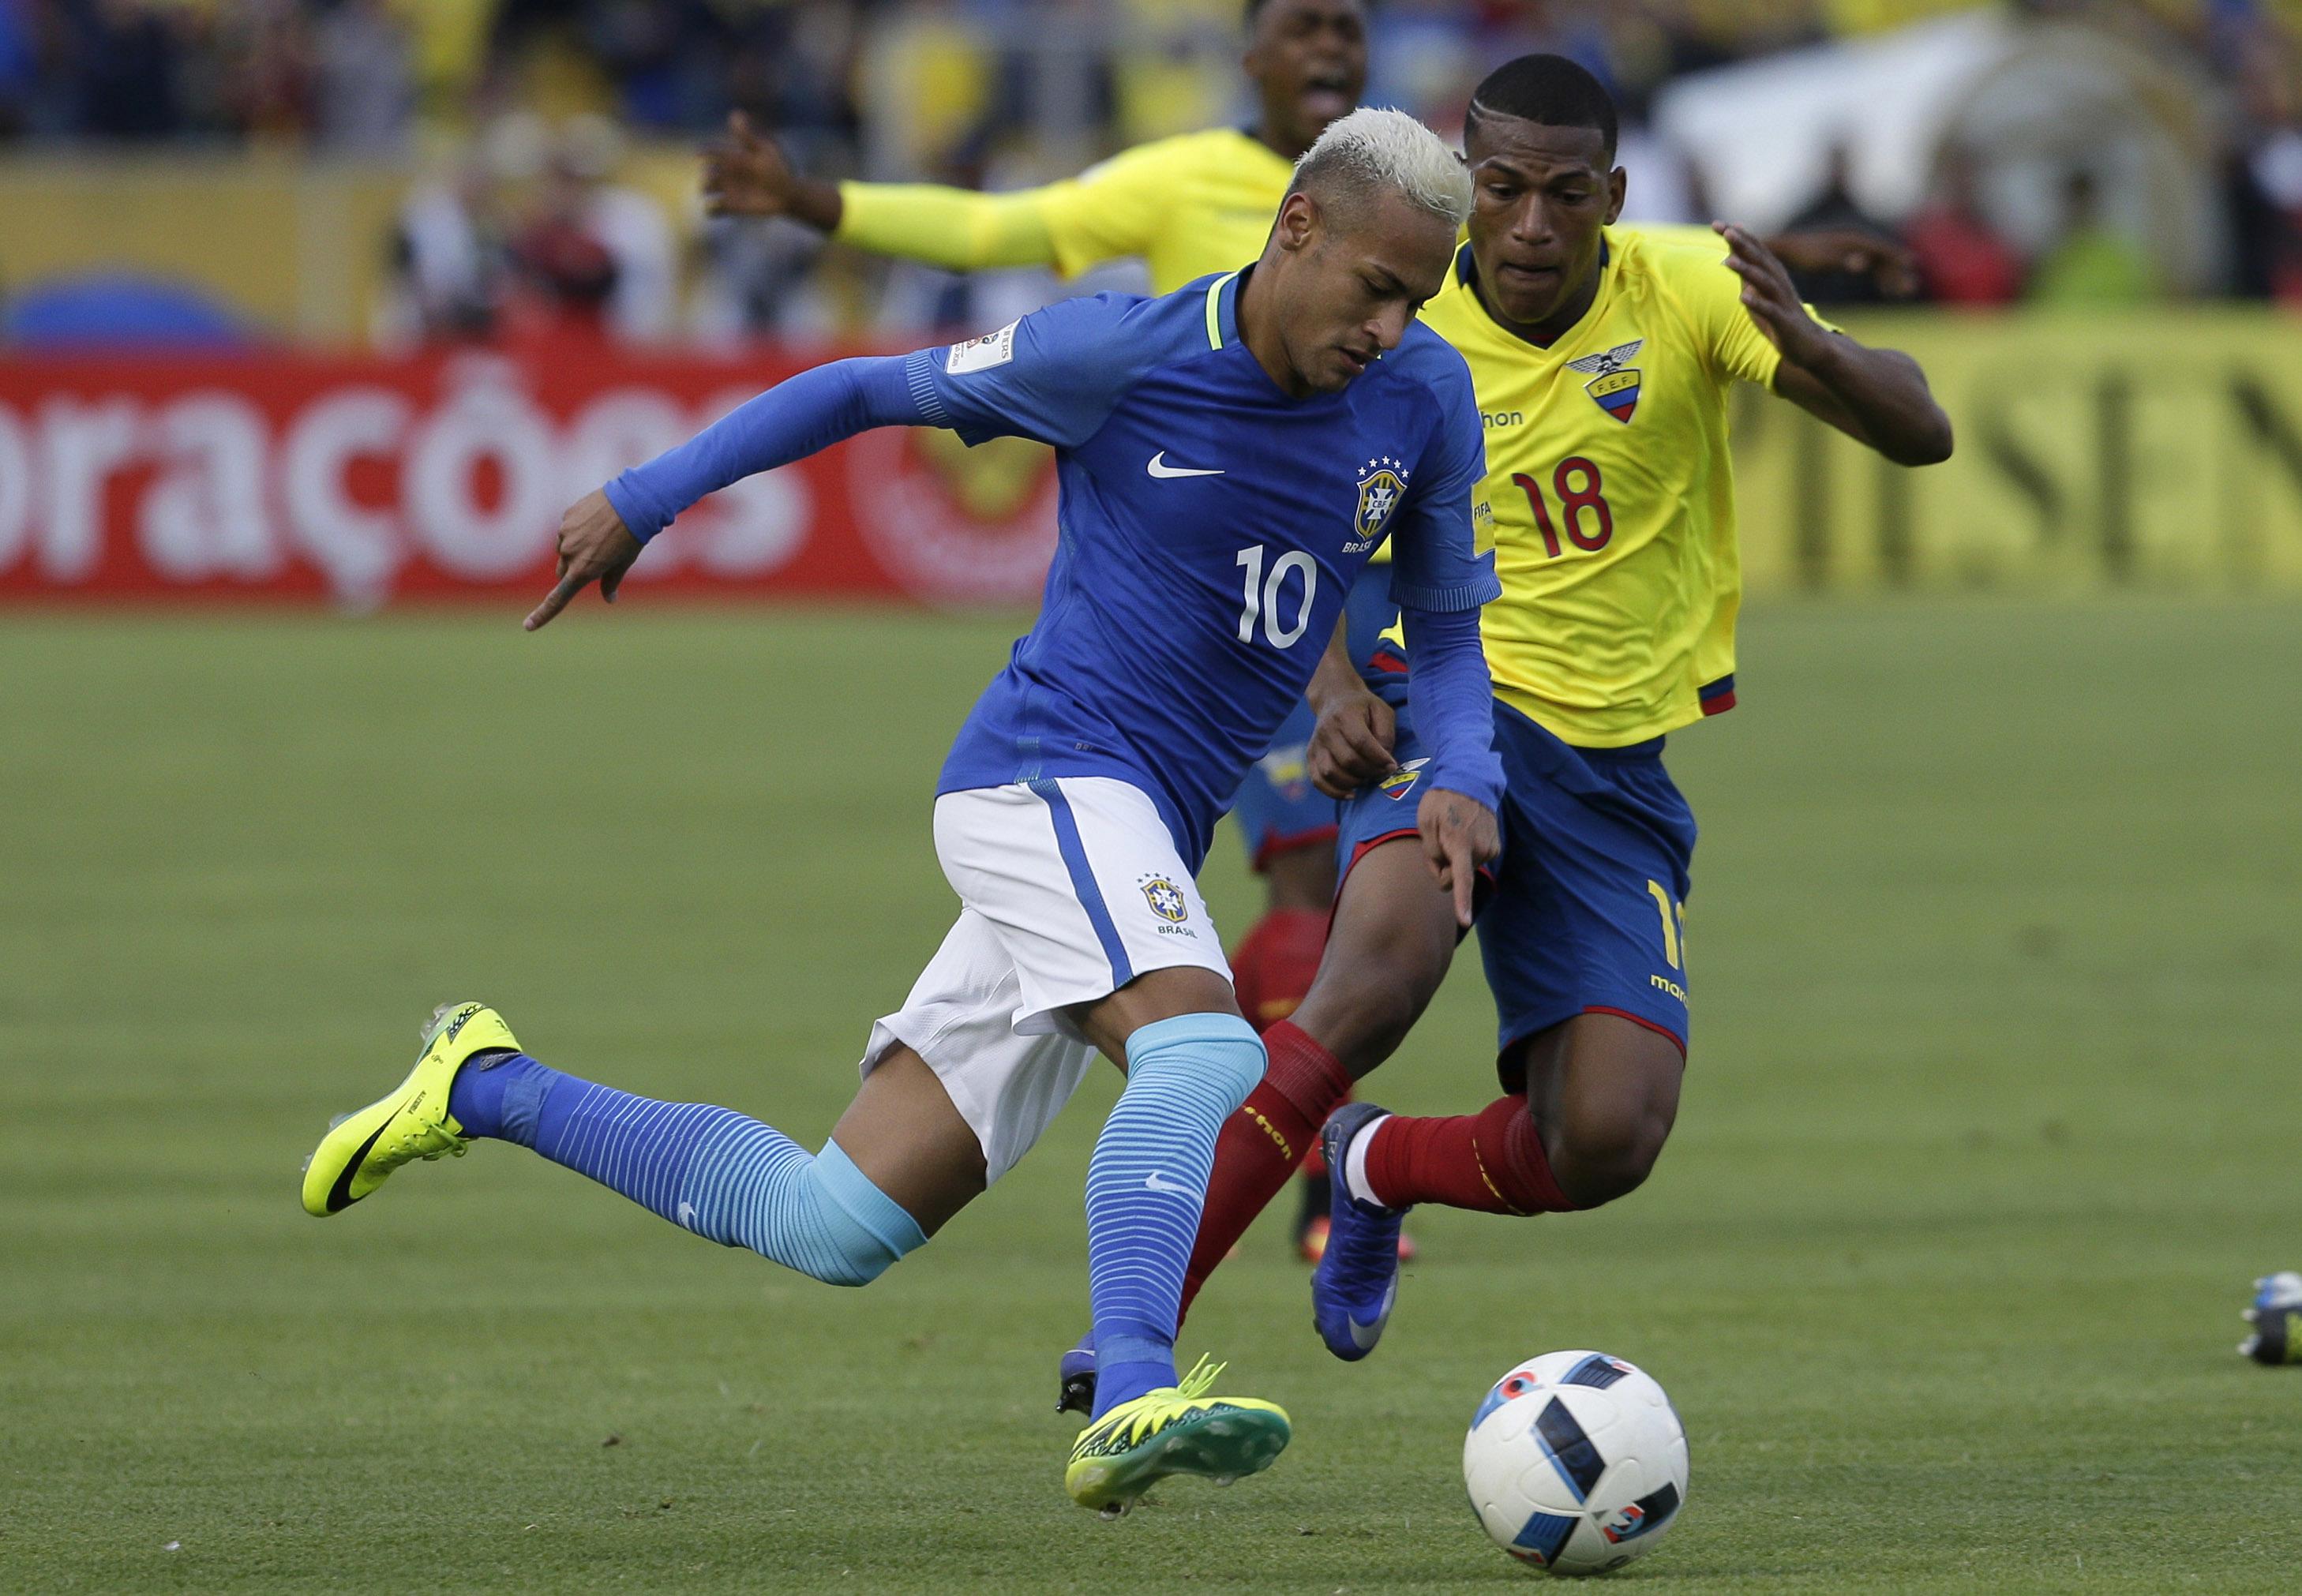 Neymar, de la selección de Brasil, disputa un balón con Carlos Gruezo, de Ecuador, durante un cotejo de la eliminatoria mundialista, realizado el jueves 1 de septiembre de 2016 (AP Foto/Dolores Ochoa)